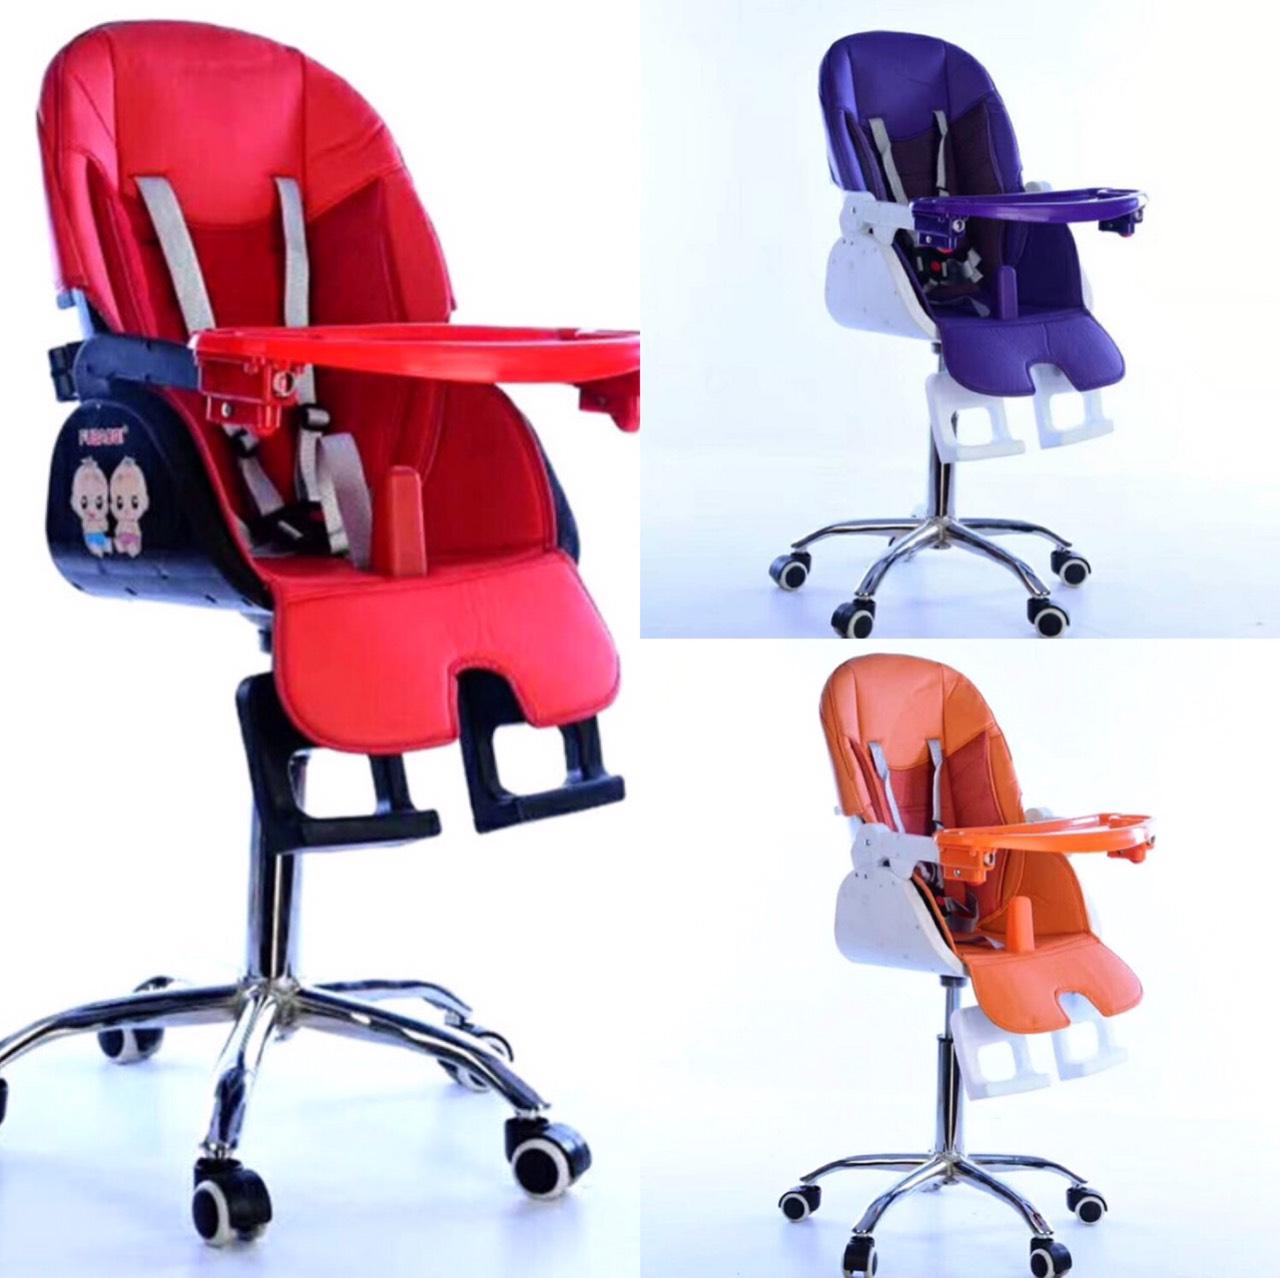 เก้าอี้ทานข้าวเด็กแบบใหม่ (สามารถนั่งและนอน)